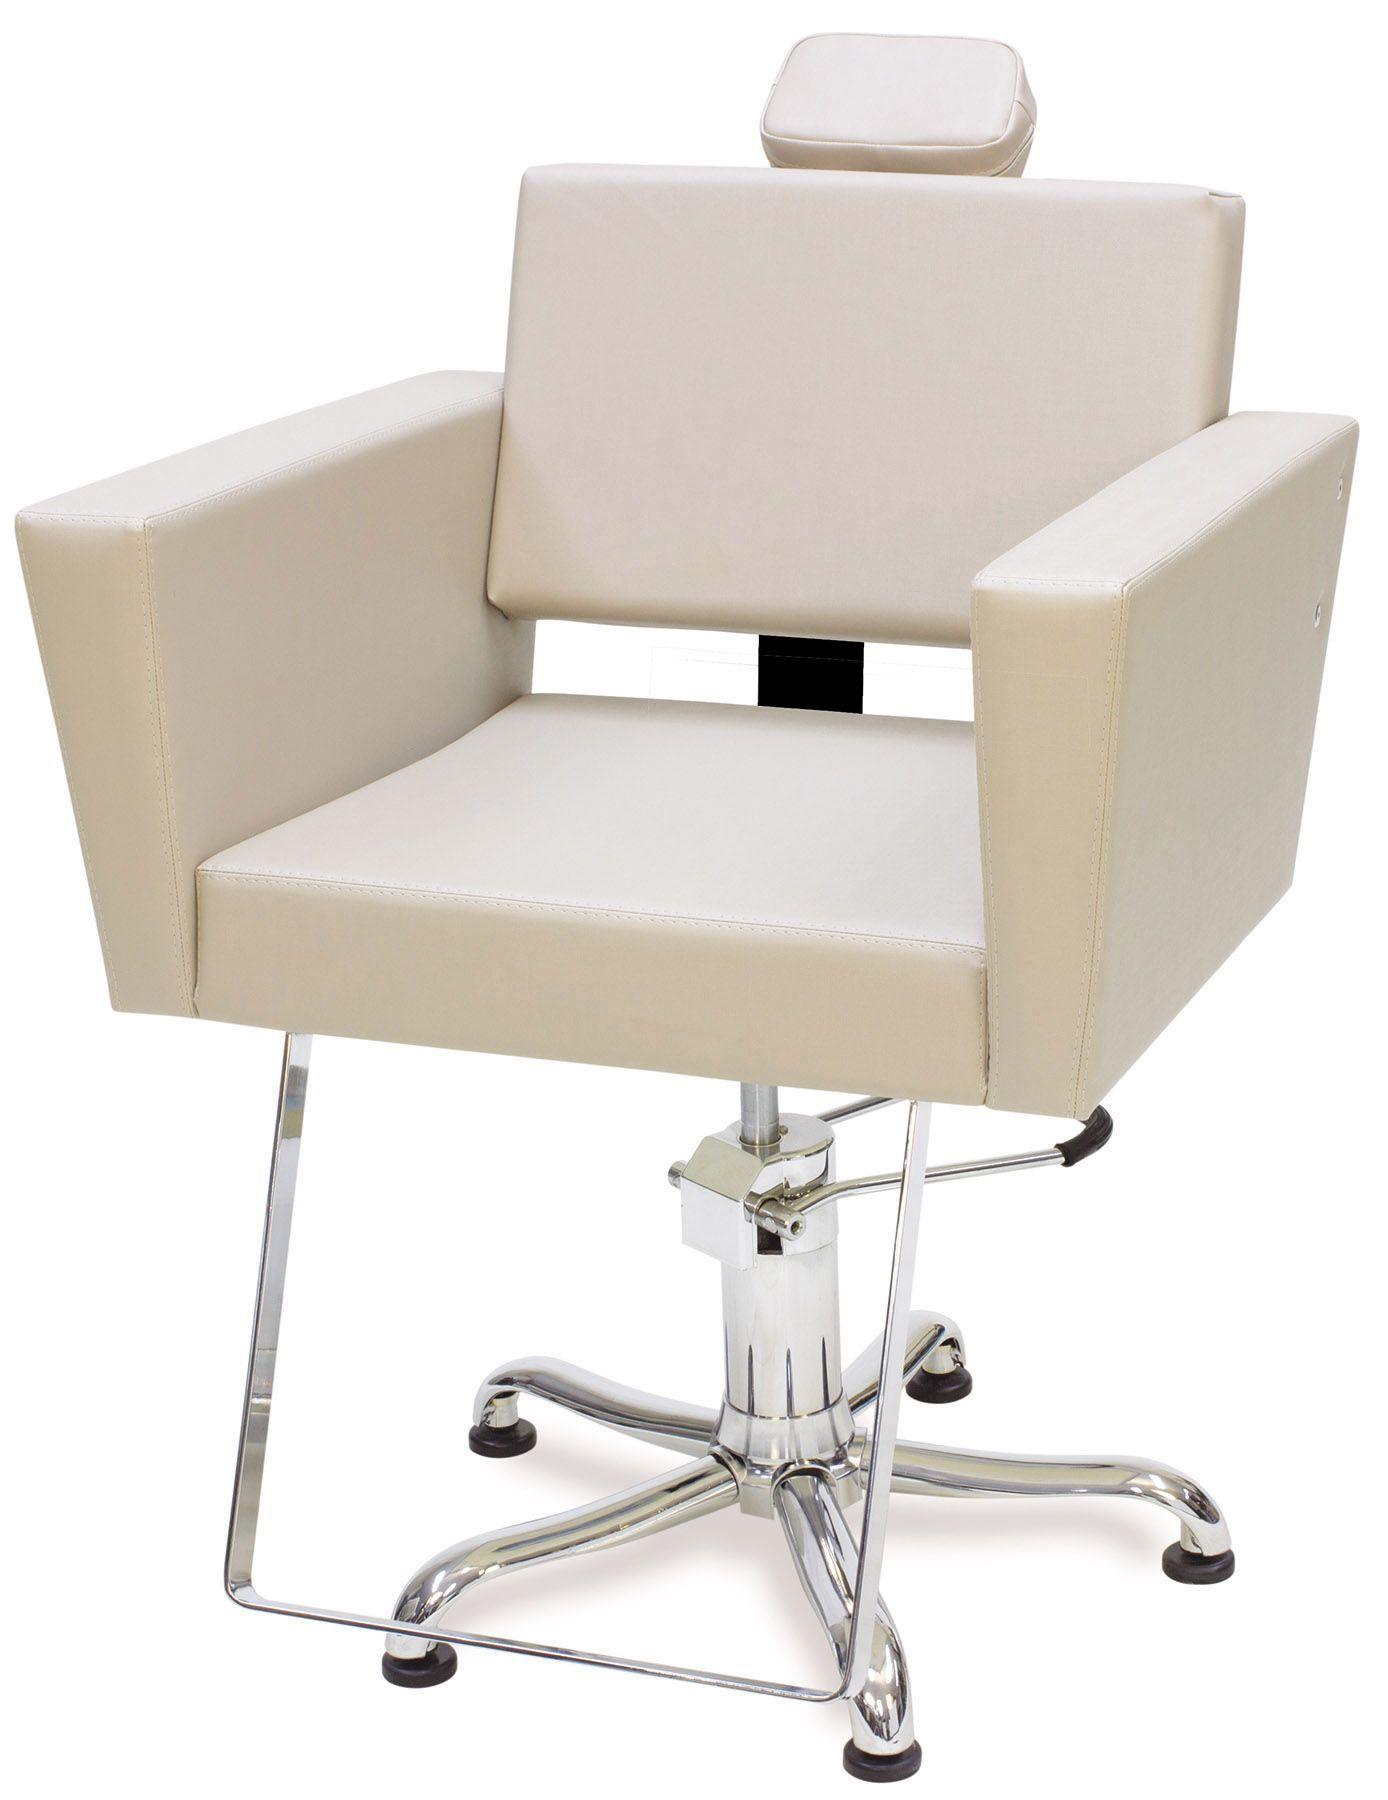 Kit cadeira reclinável niagara + lavatório niagara